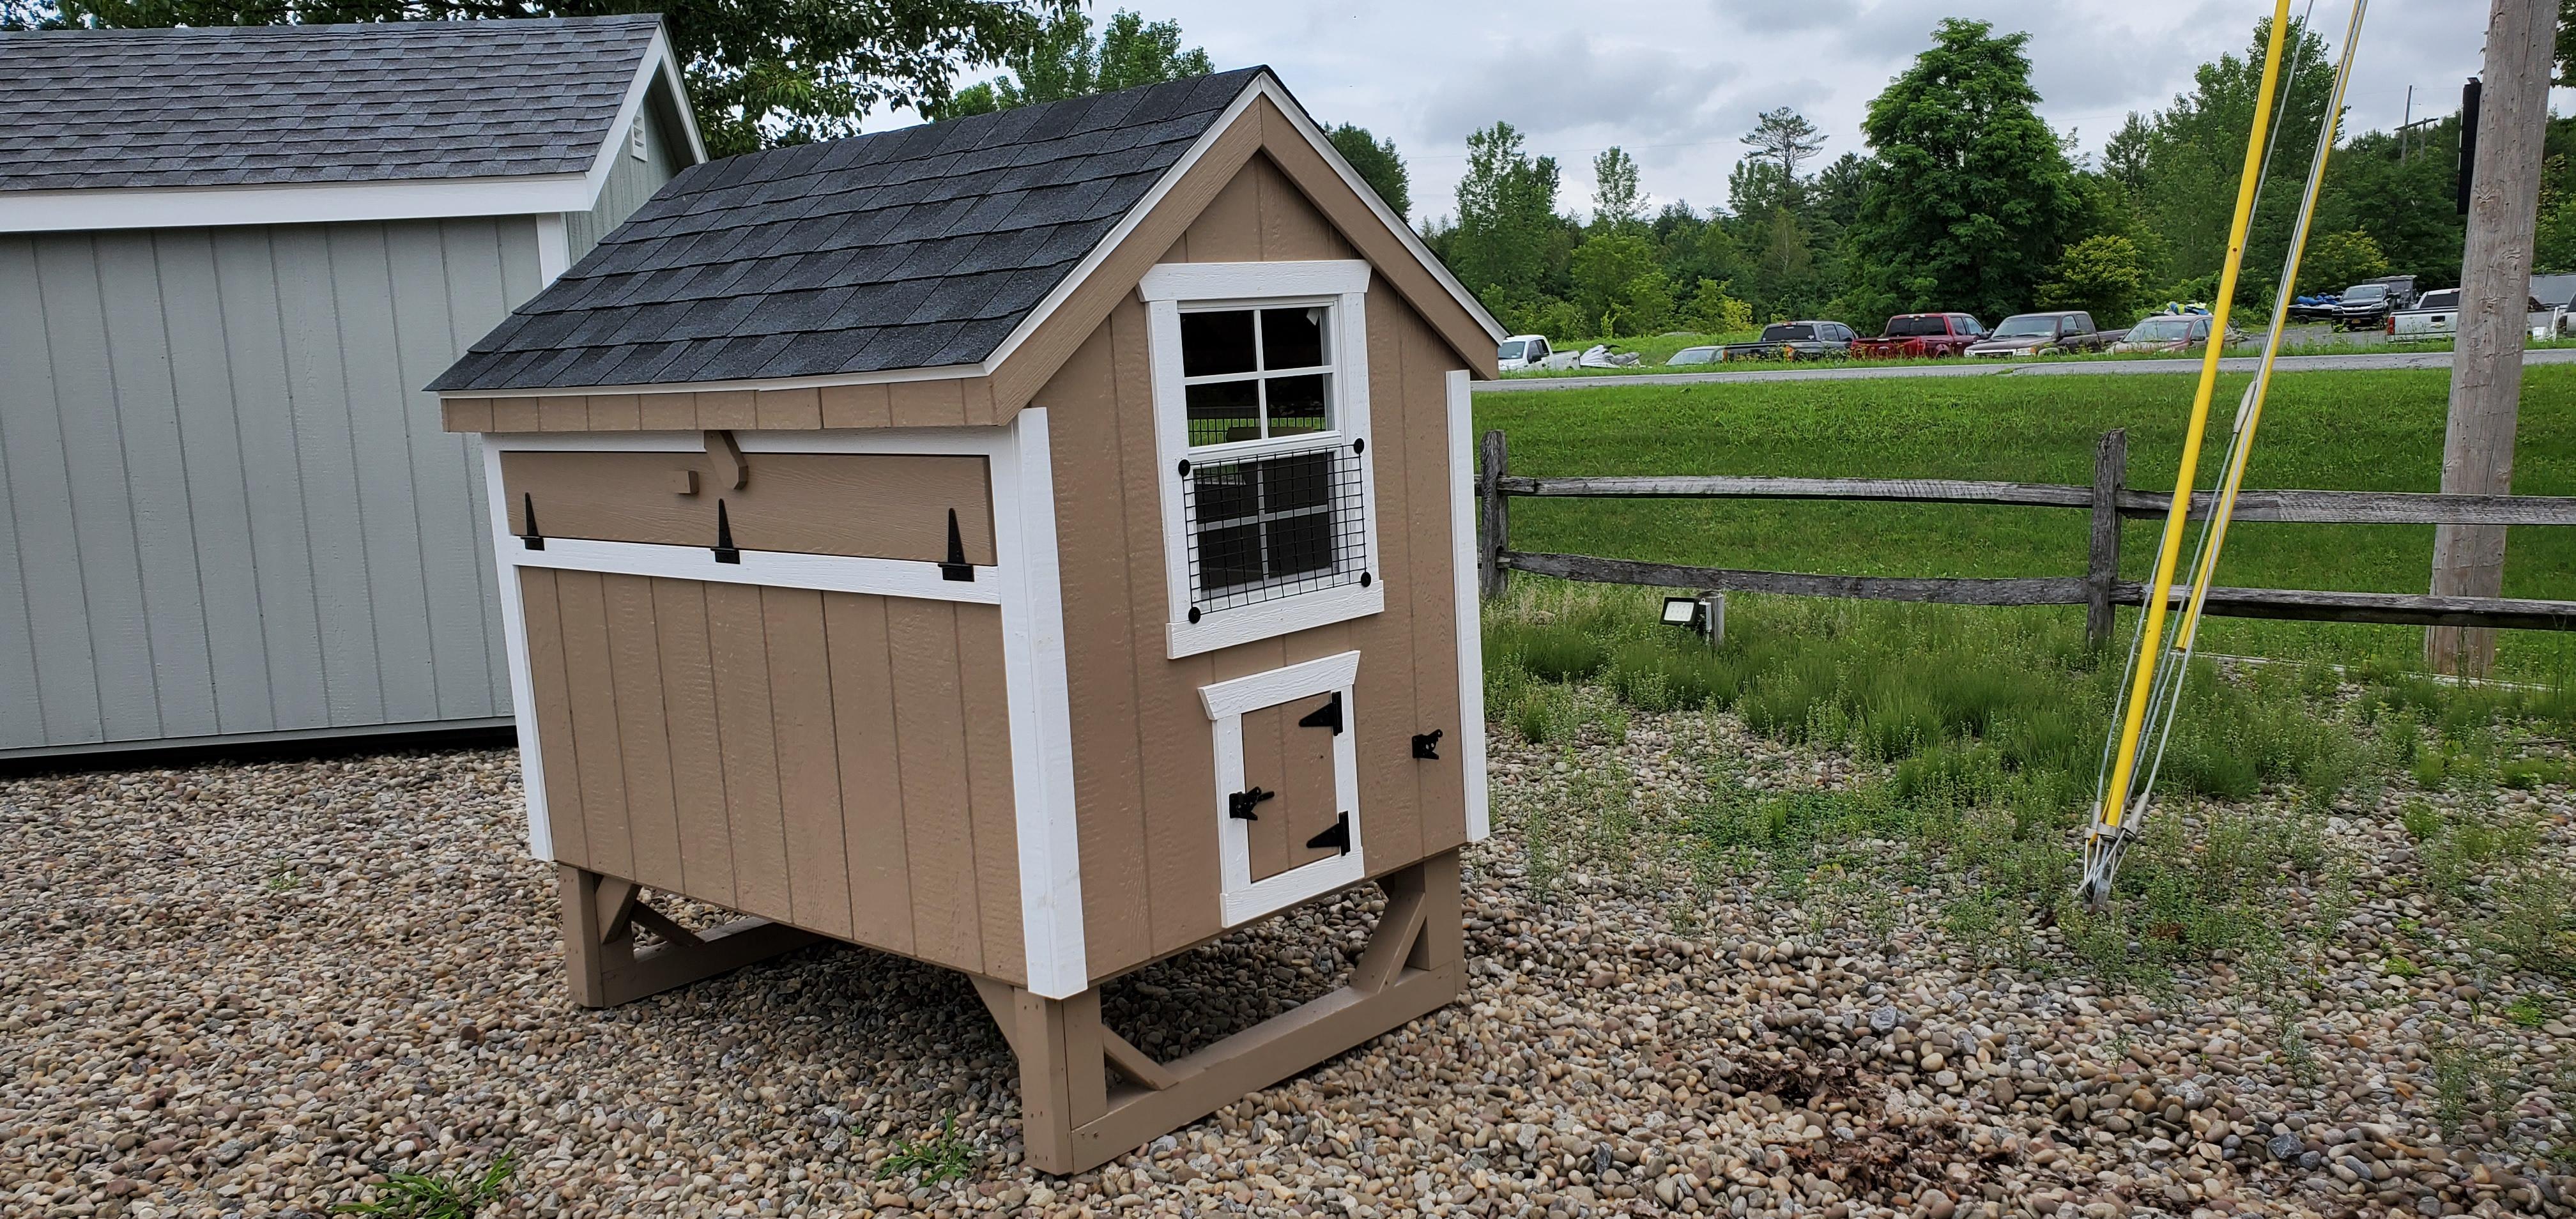 04' X 06' Duratemp Chicken Coop : Image 2